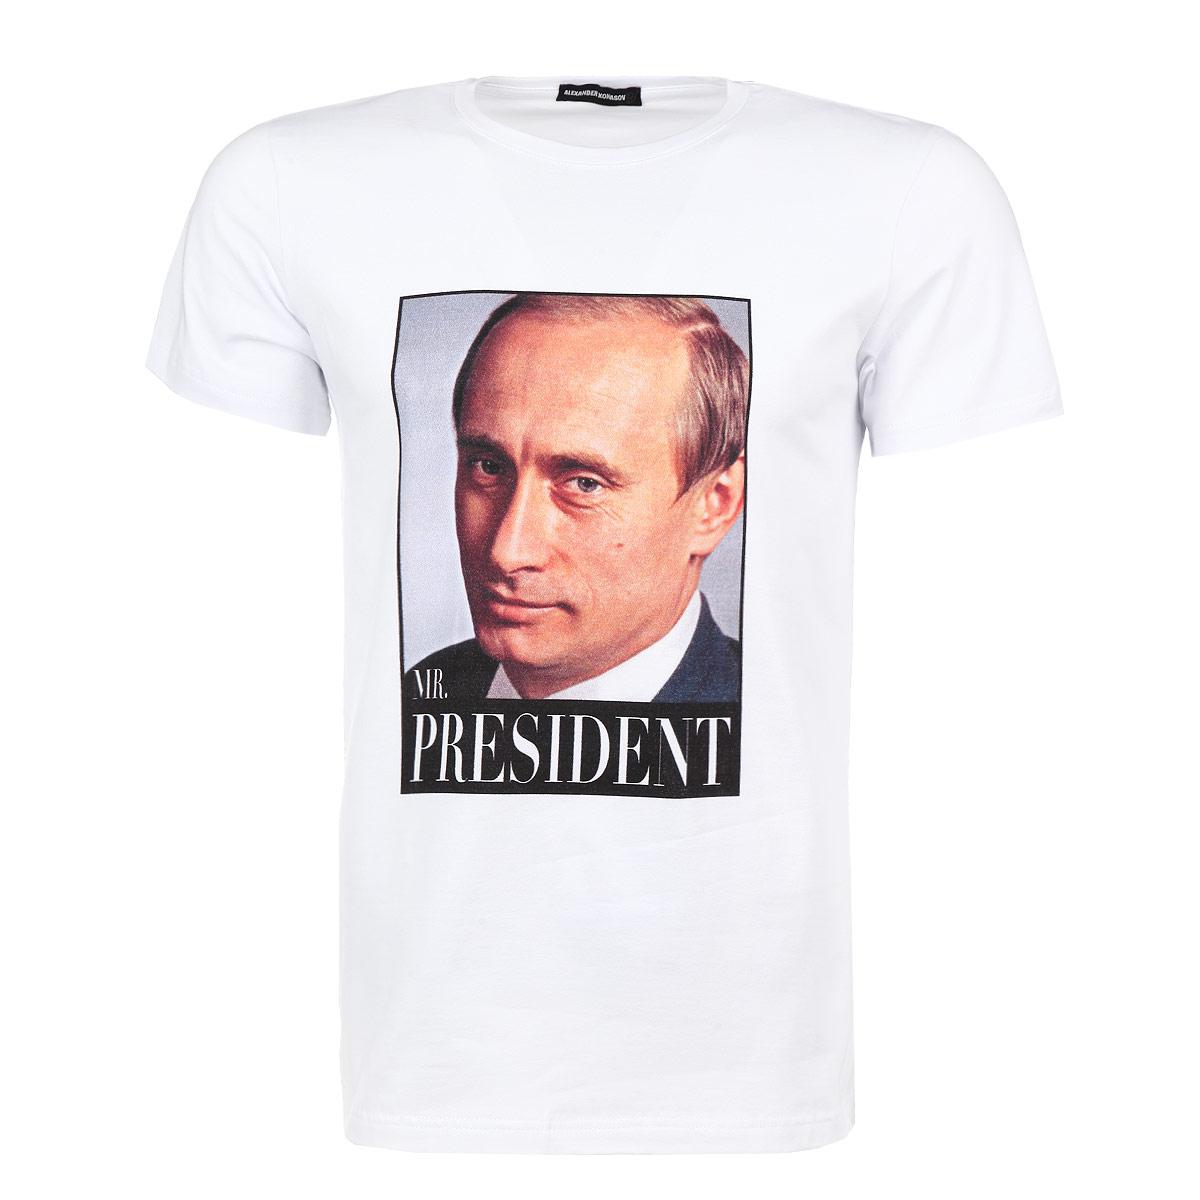 ФутболкаMr. PutinСтильная мужская футболка Alexander Konasov, выполненная из высококачественного мягкого хлопка с небольшим добавлением лайкры, обладает высокой теплопроводностью, воздухопроницаемостью и гигроскопичностью, позволяет коже дышать. Модель с короткими рукавами и круглым вырезом горловины оформлена принтом с изображением портрета Путина и надписью Mr. President. Эта футболка - идеальный вариант для создания эффектного образа. Все изделия бренда Alexander Konasov кроятся только по лекалам из высококачественной ткани, идеально сидят на фигуре, после стирки не деформируются.